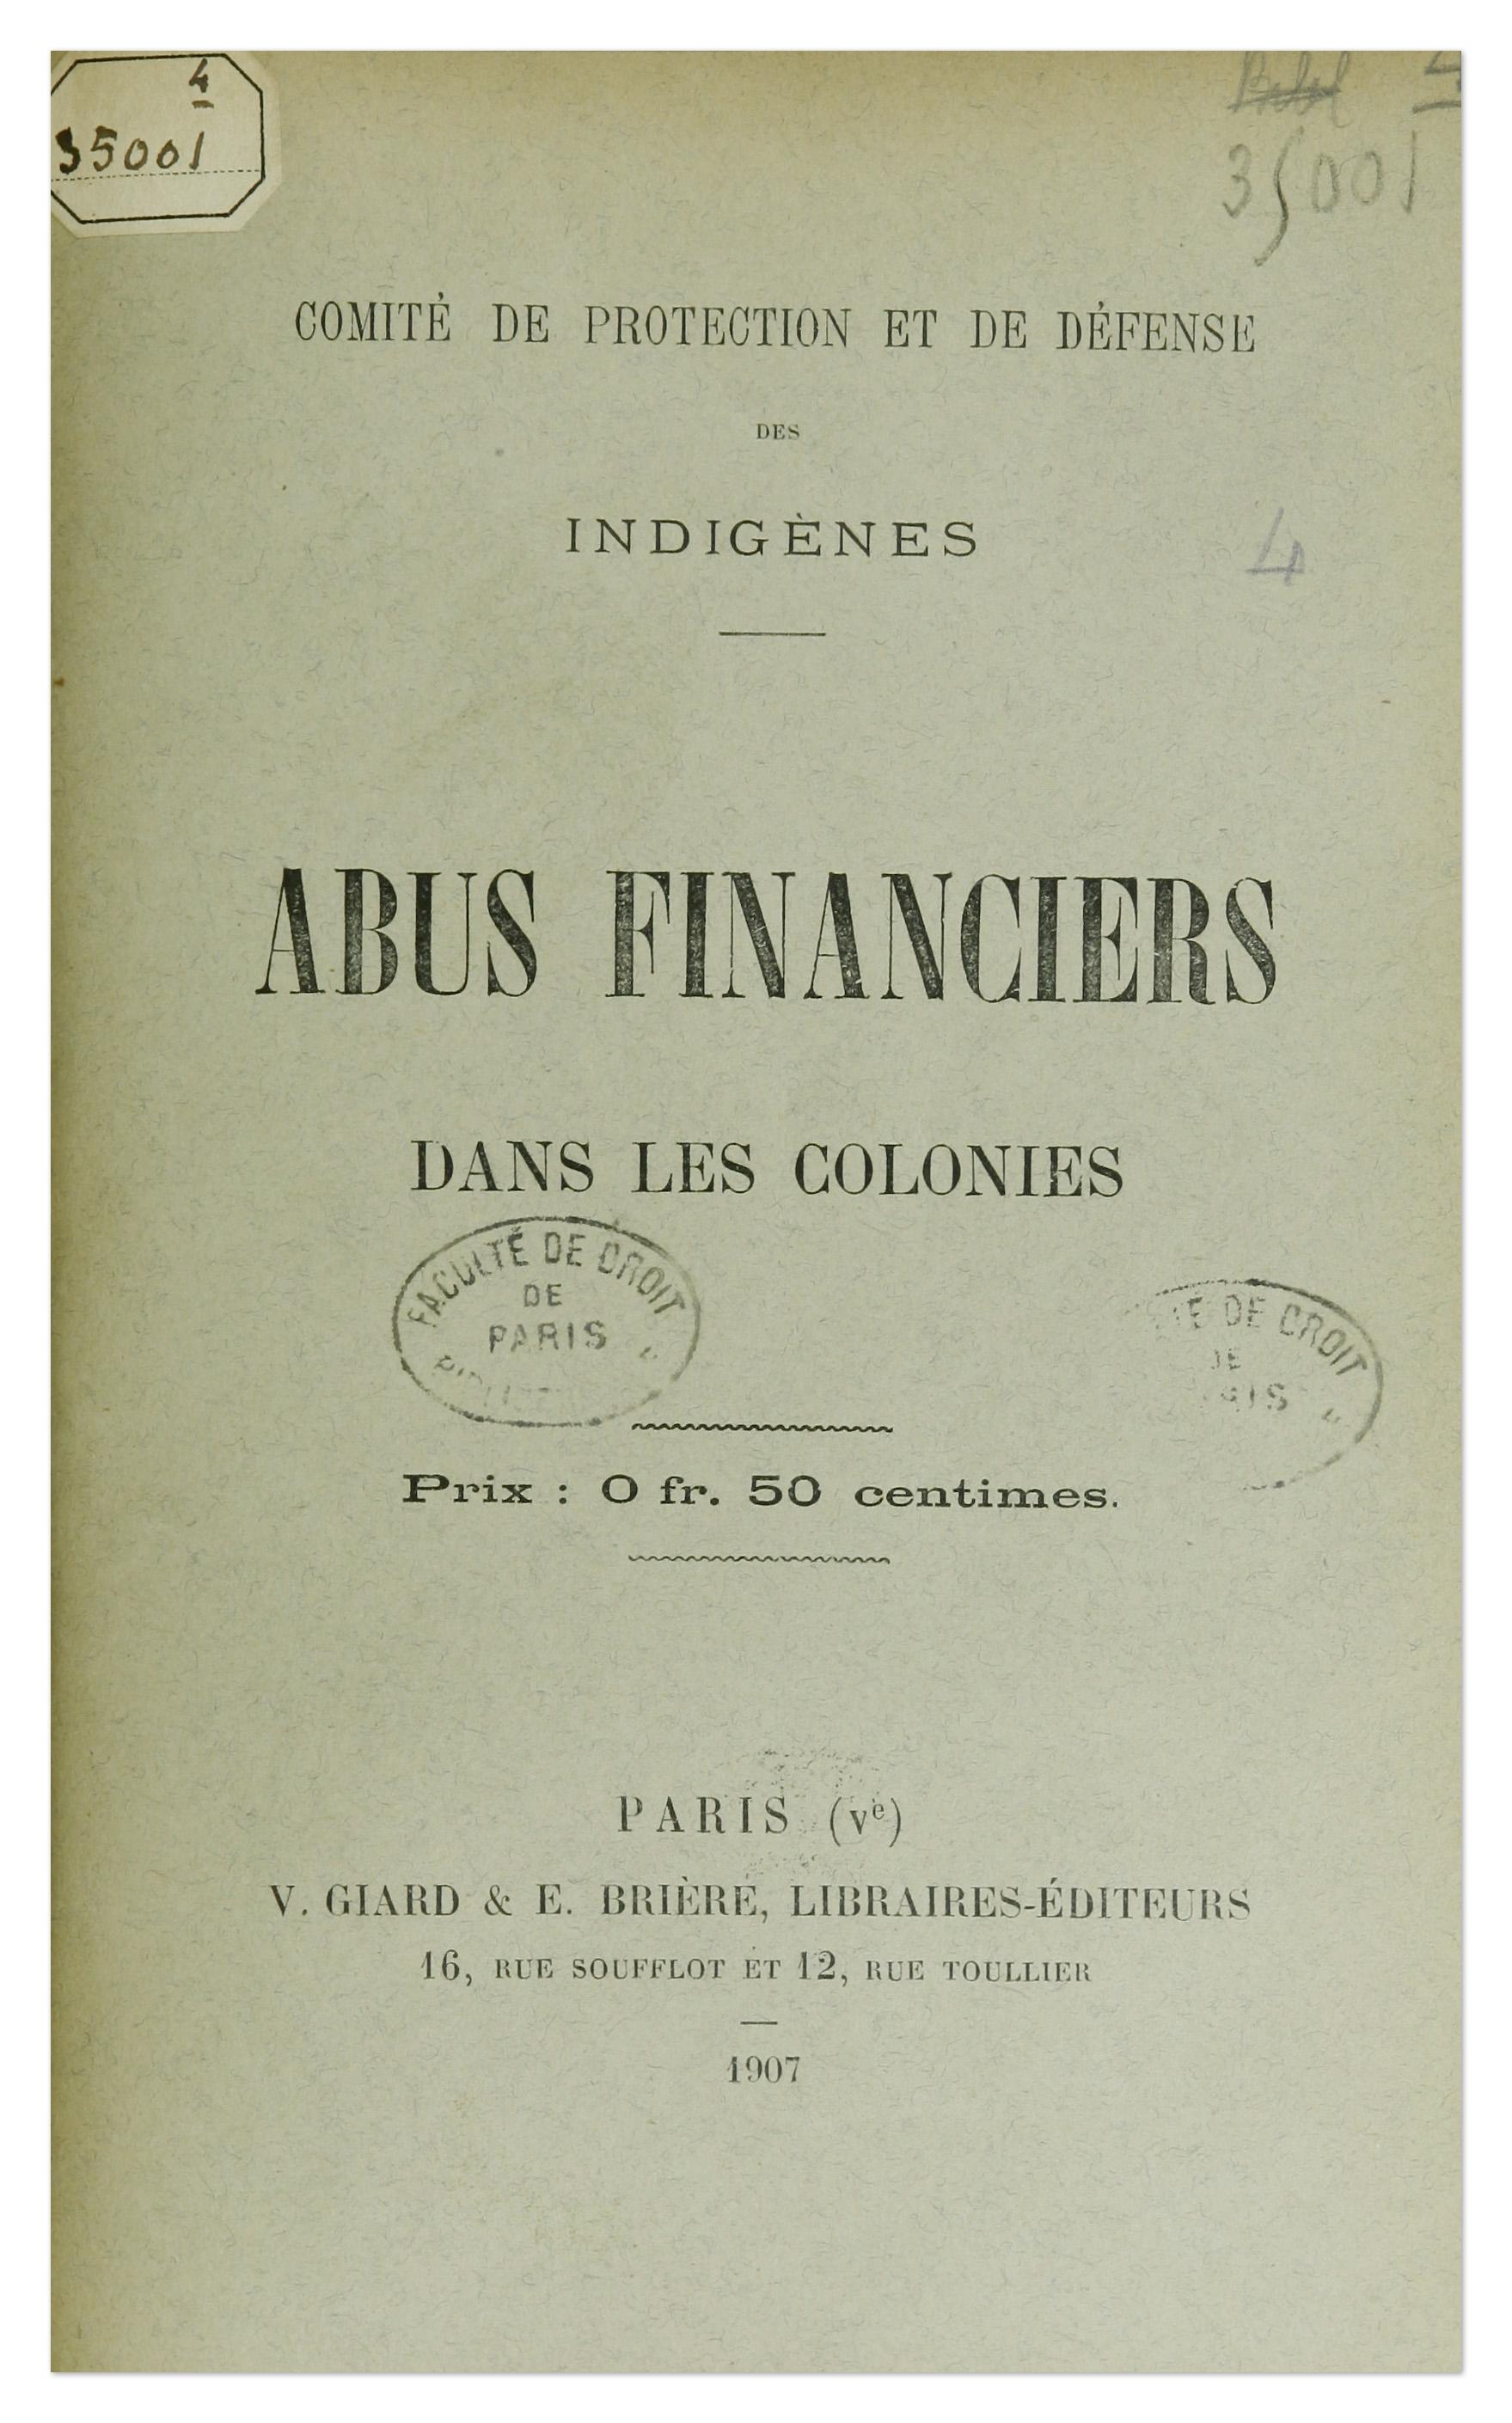 Couverture de la brochure du Comité de protection et de défense des indigènes sur les abus financiers dans les colonies